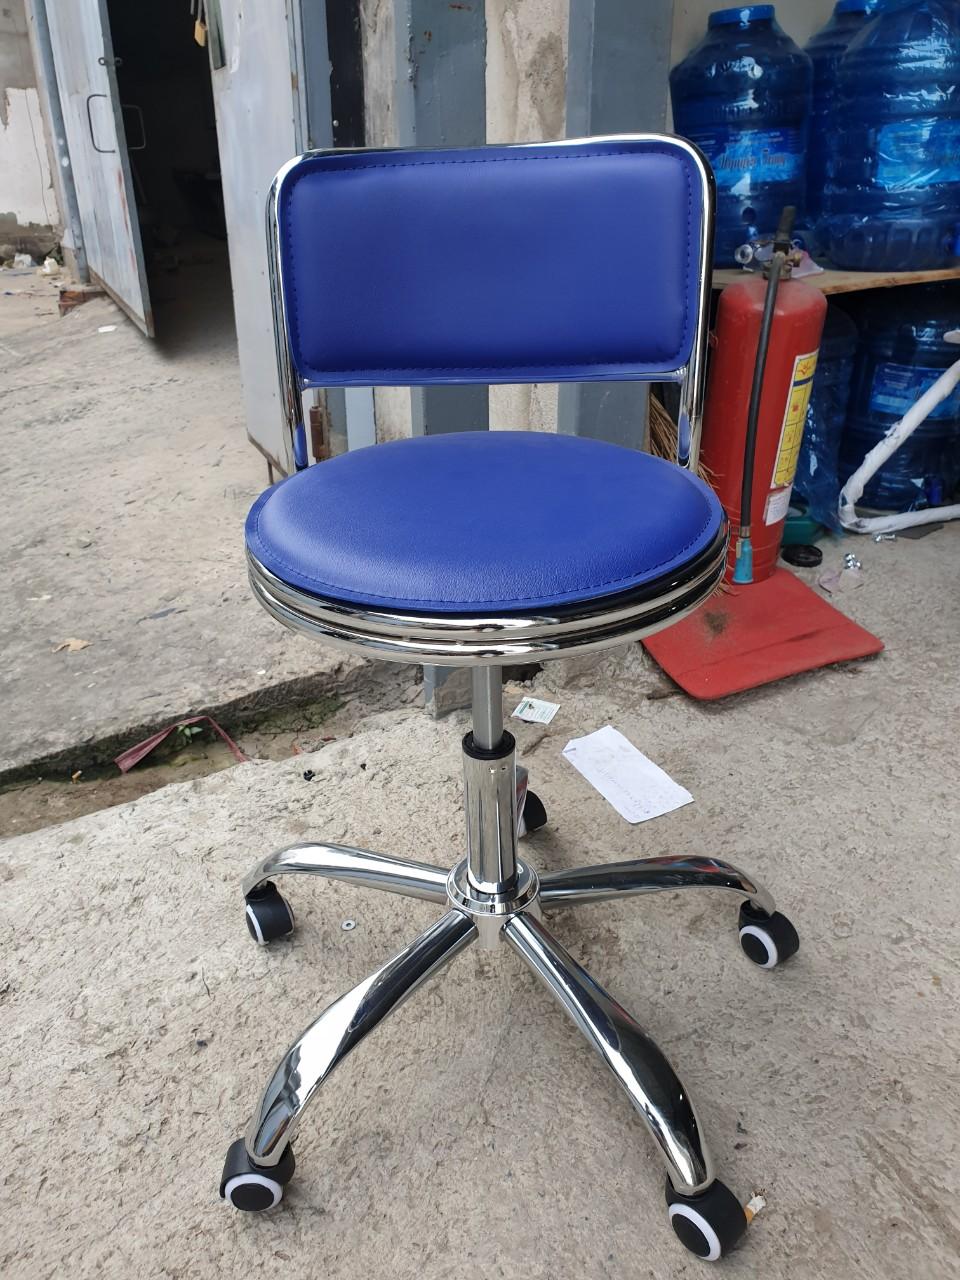 Ghế chân xoay cho spa – ngồi quầy lễ tân : KG – 014X